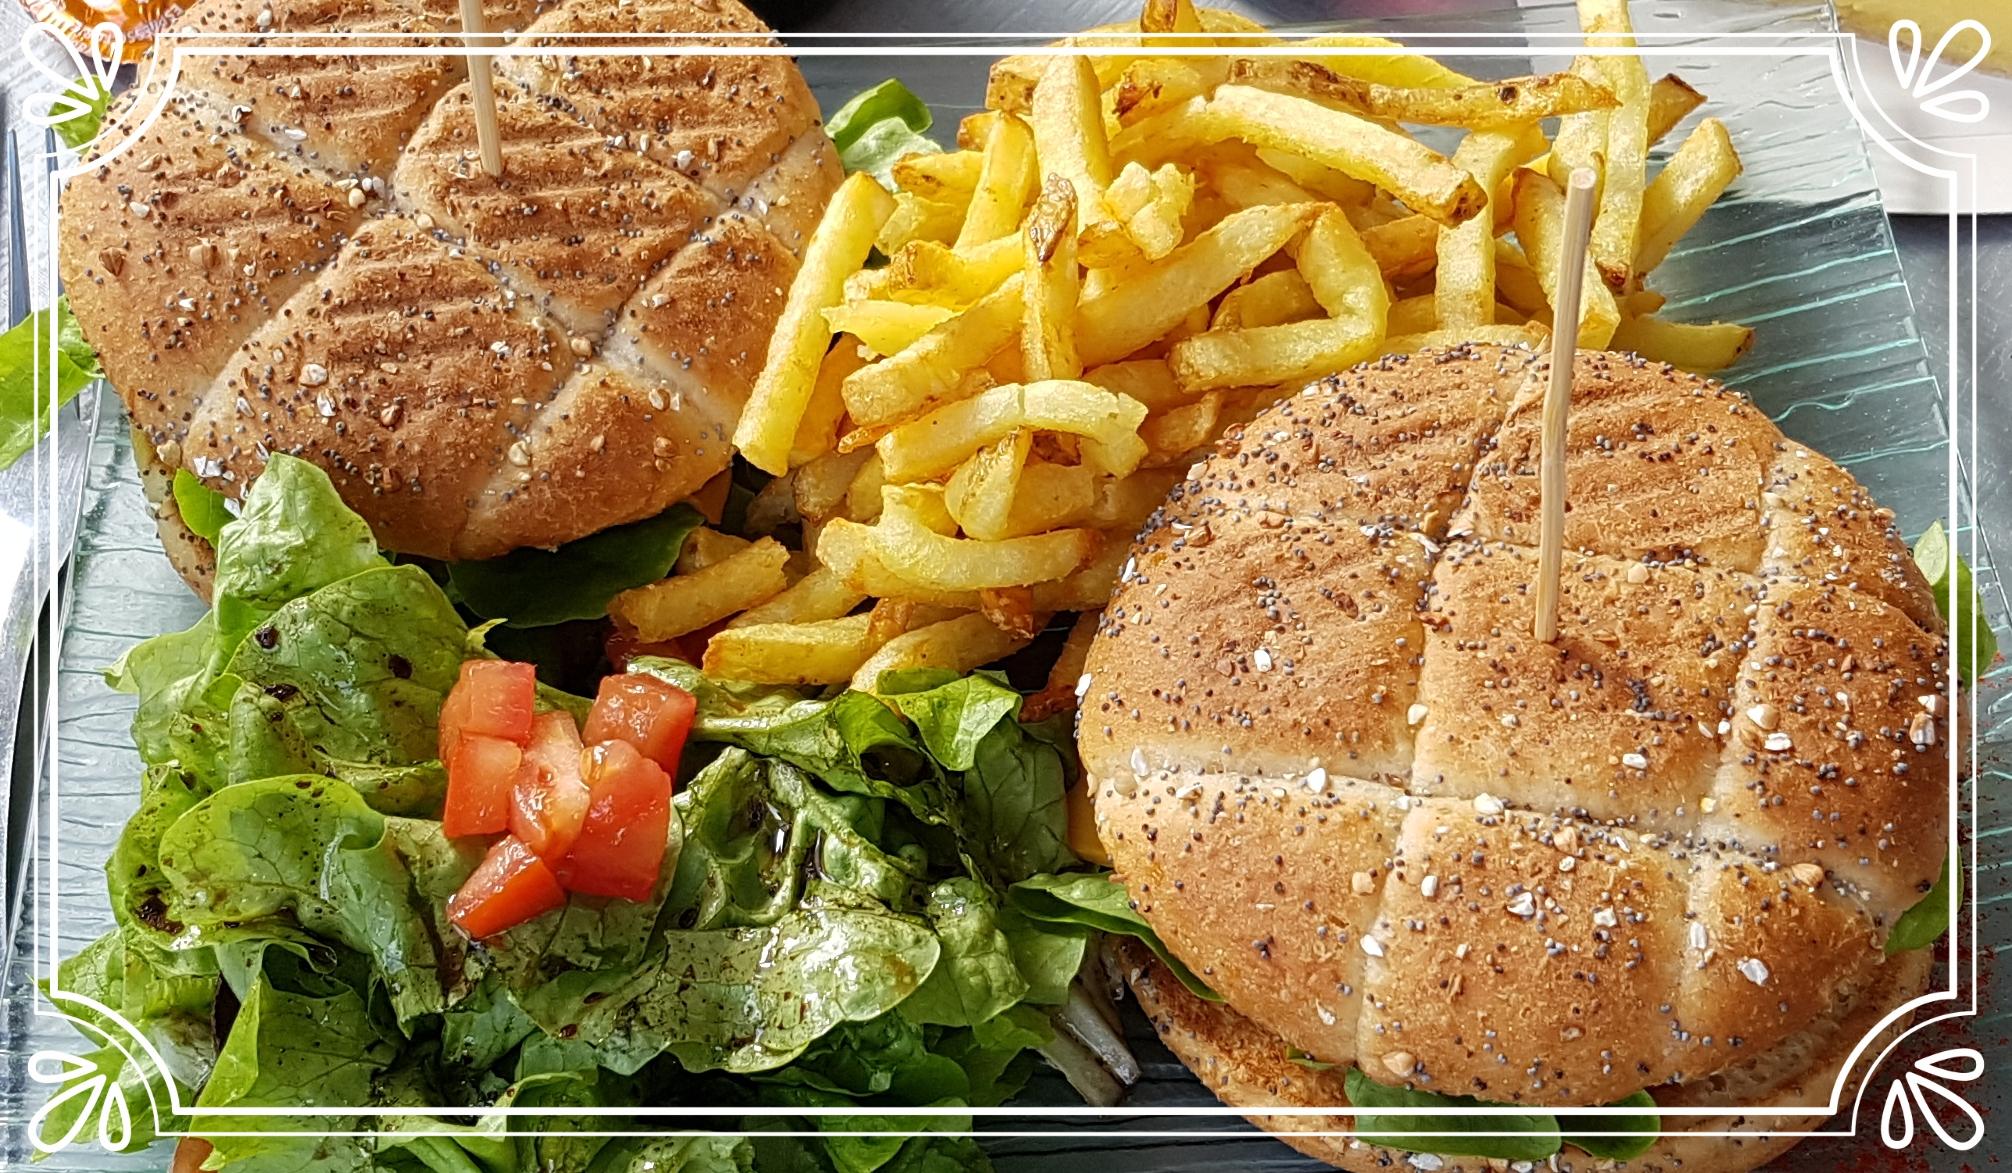 Saveurs du monde lattes perols pizza burger saveurs du monde lattes livraison pizza burgers - Carrefour lattes ouvert dimanche ...